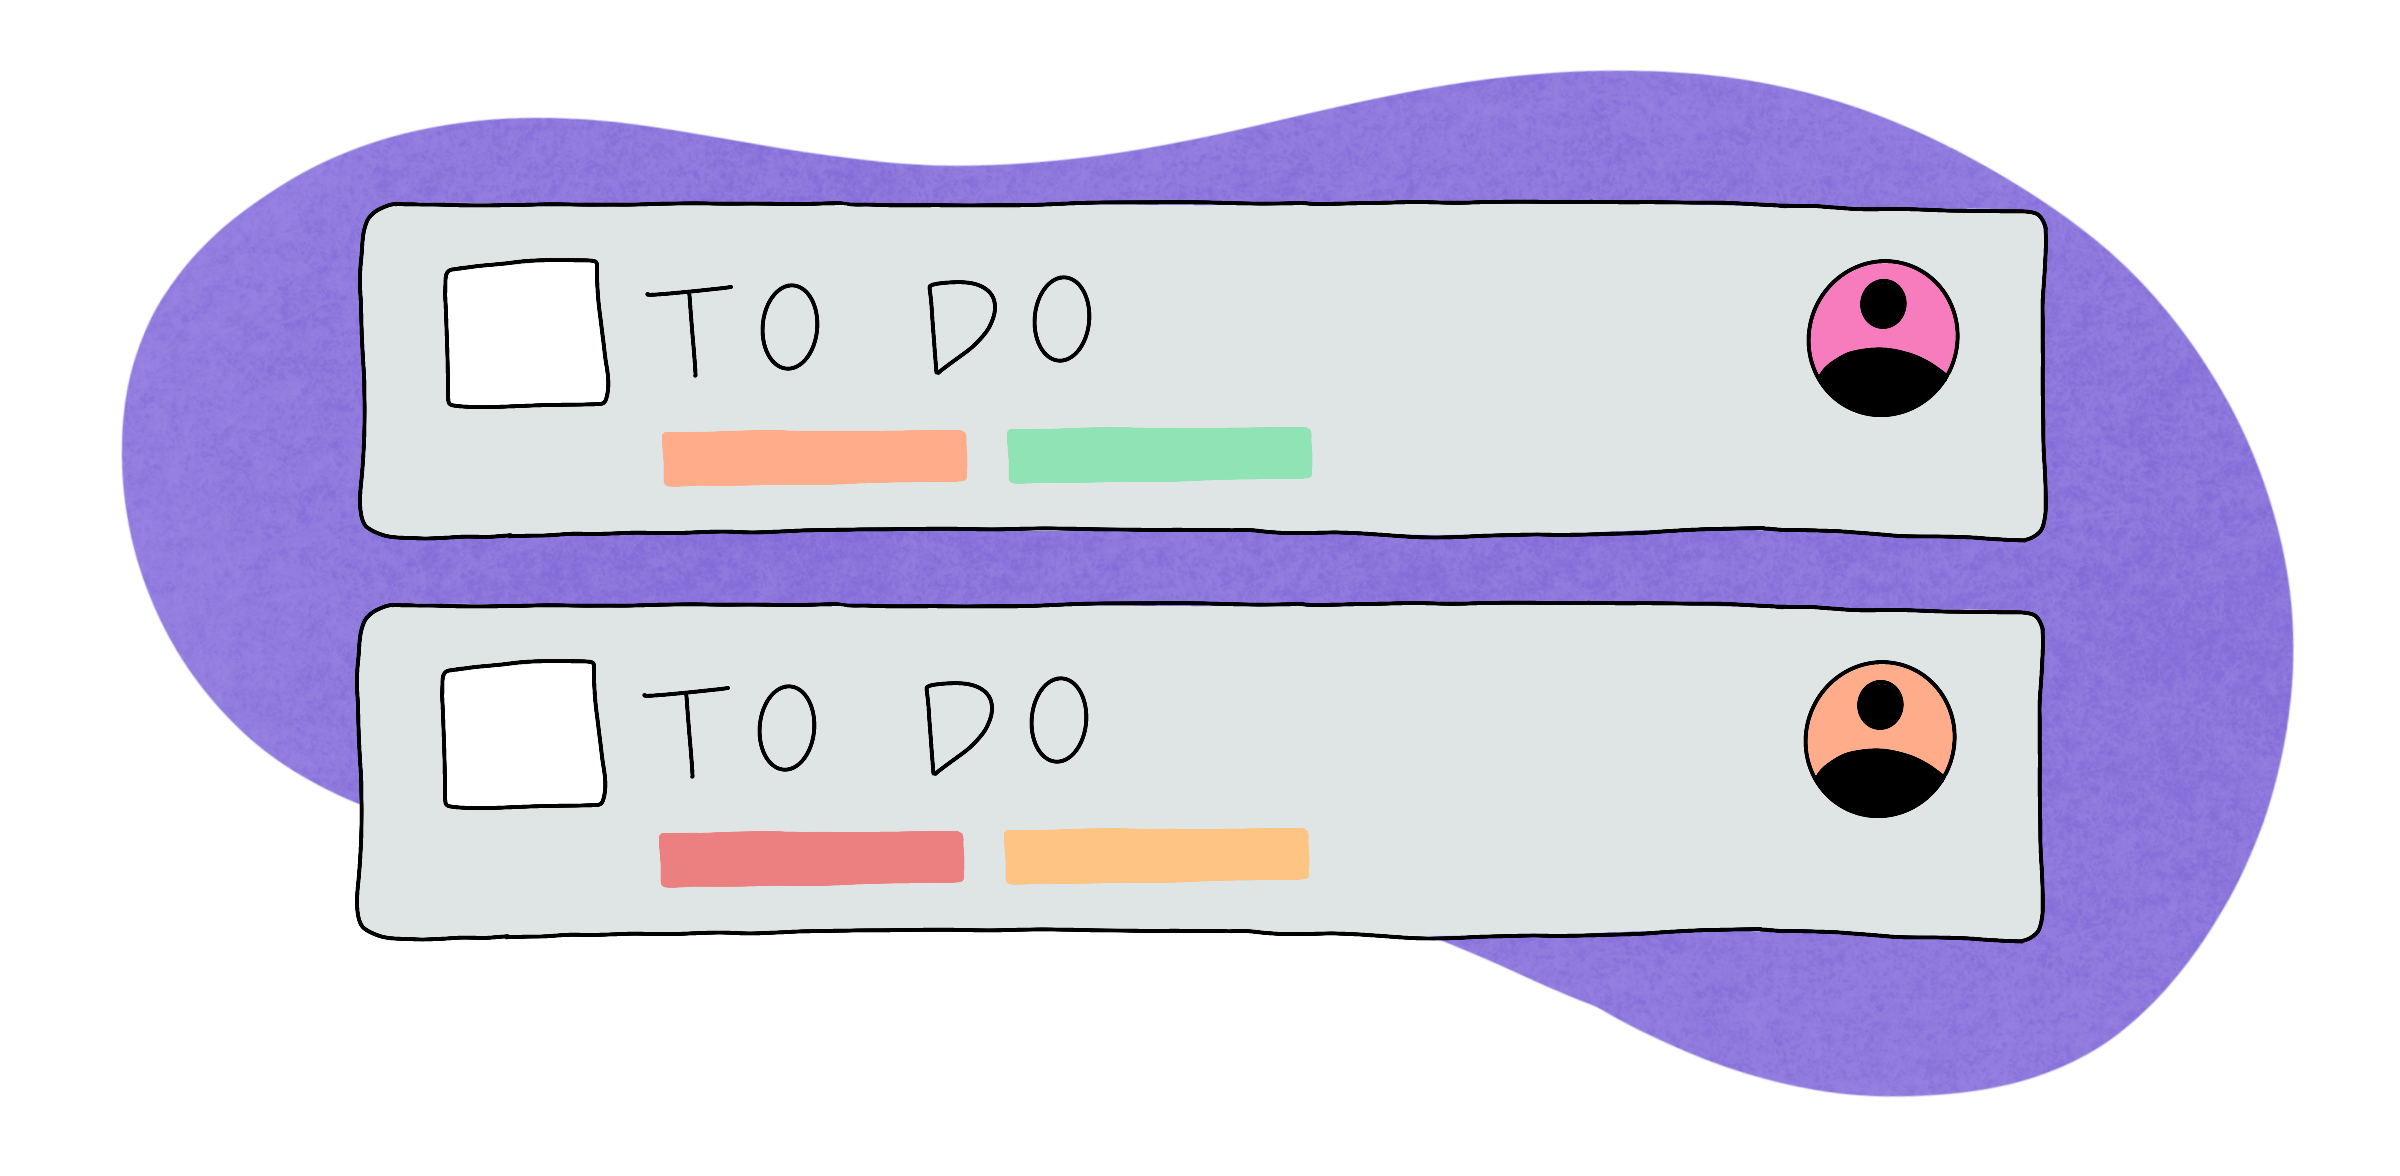 Maintaining a task list